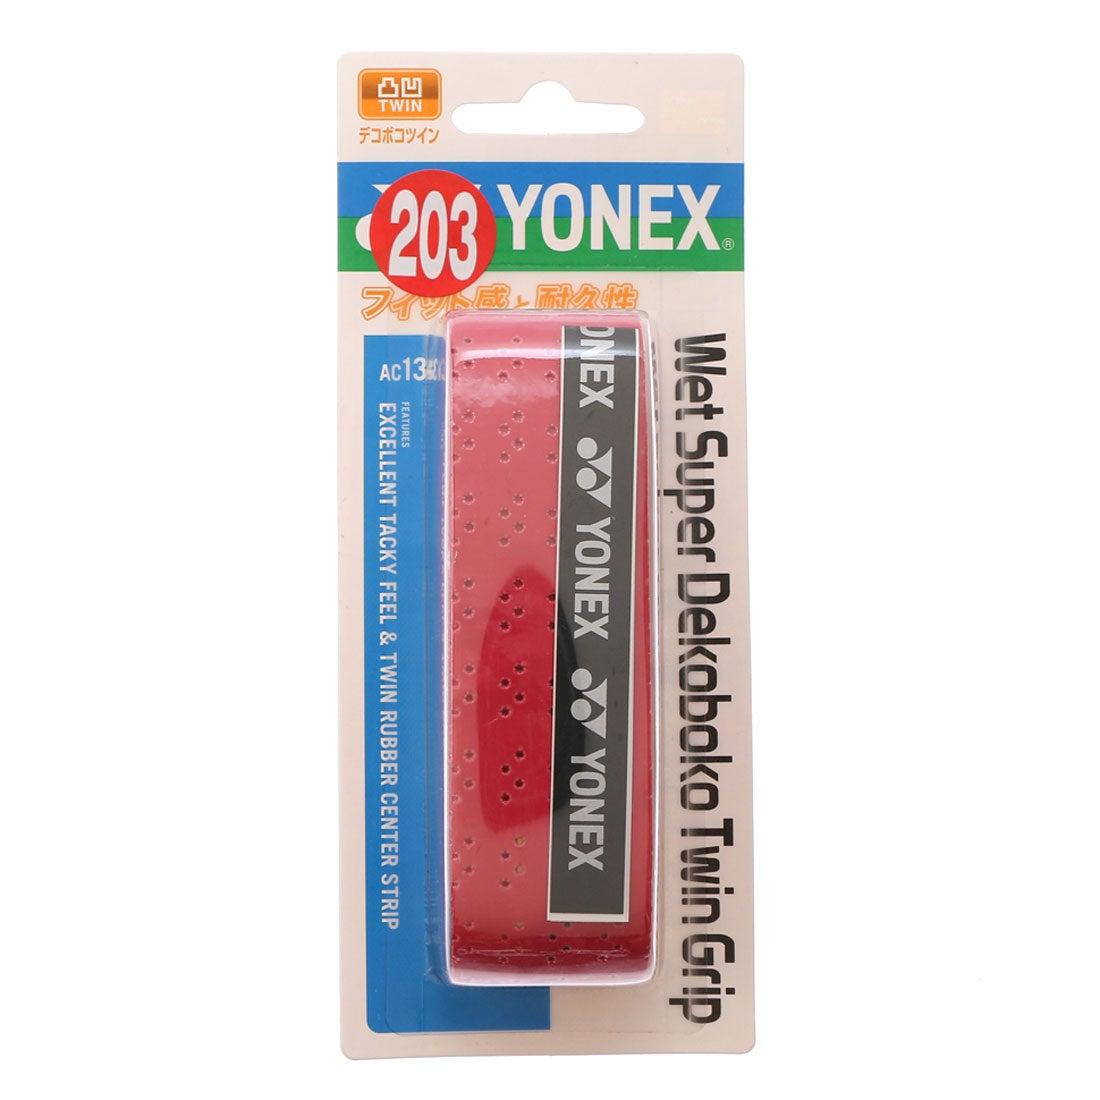 ロコンド 靴とファッションの通販サイトヨネックス YONEX バドミントンアクセサリー AC134